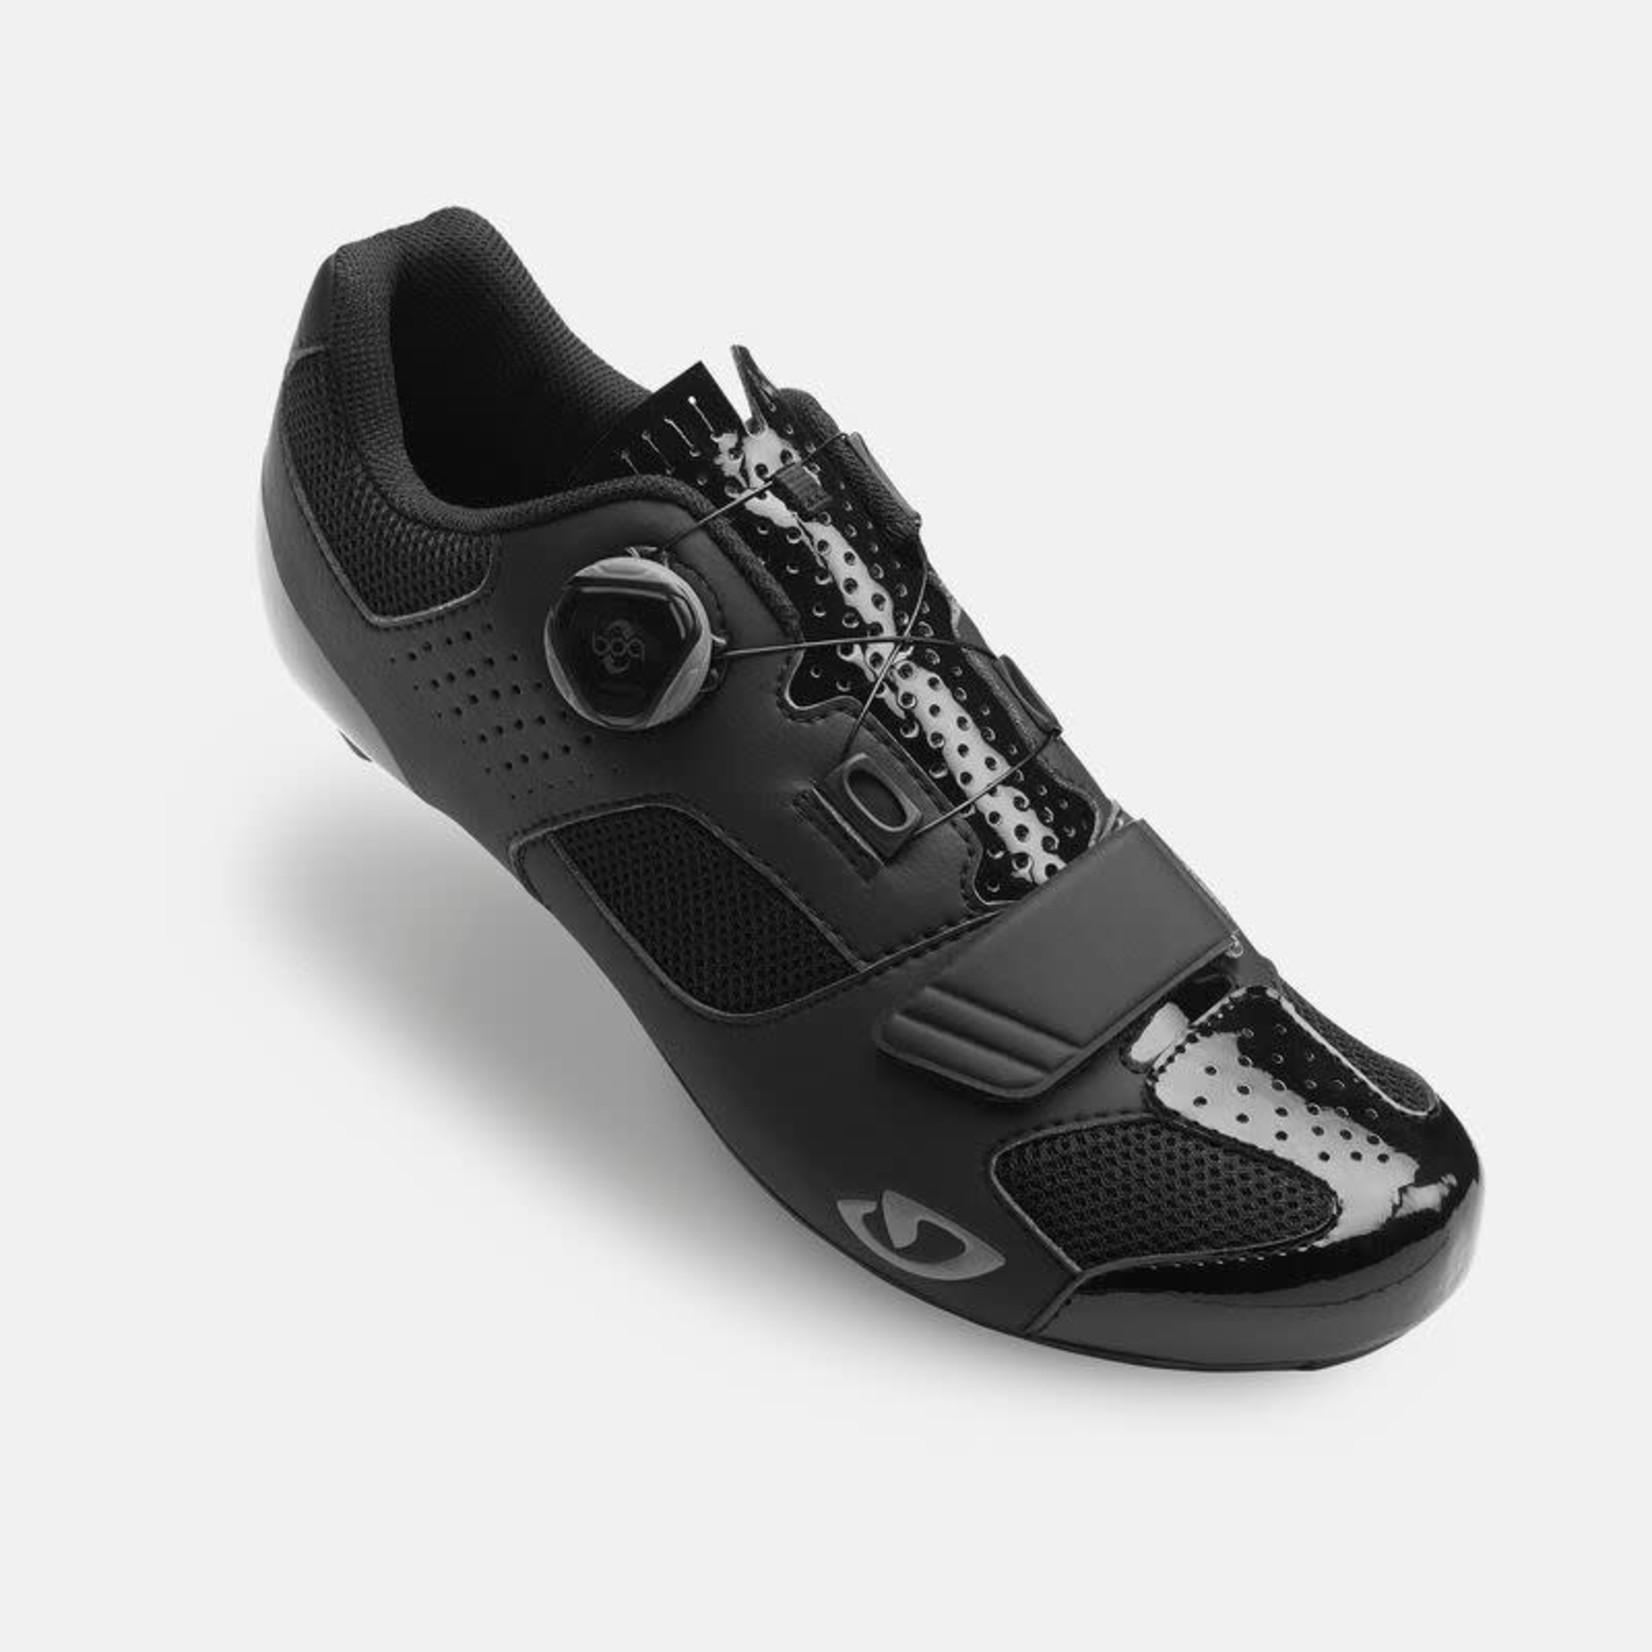 Giro Giro Trans Boa Shoe